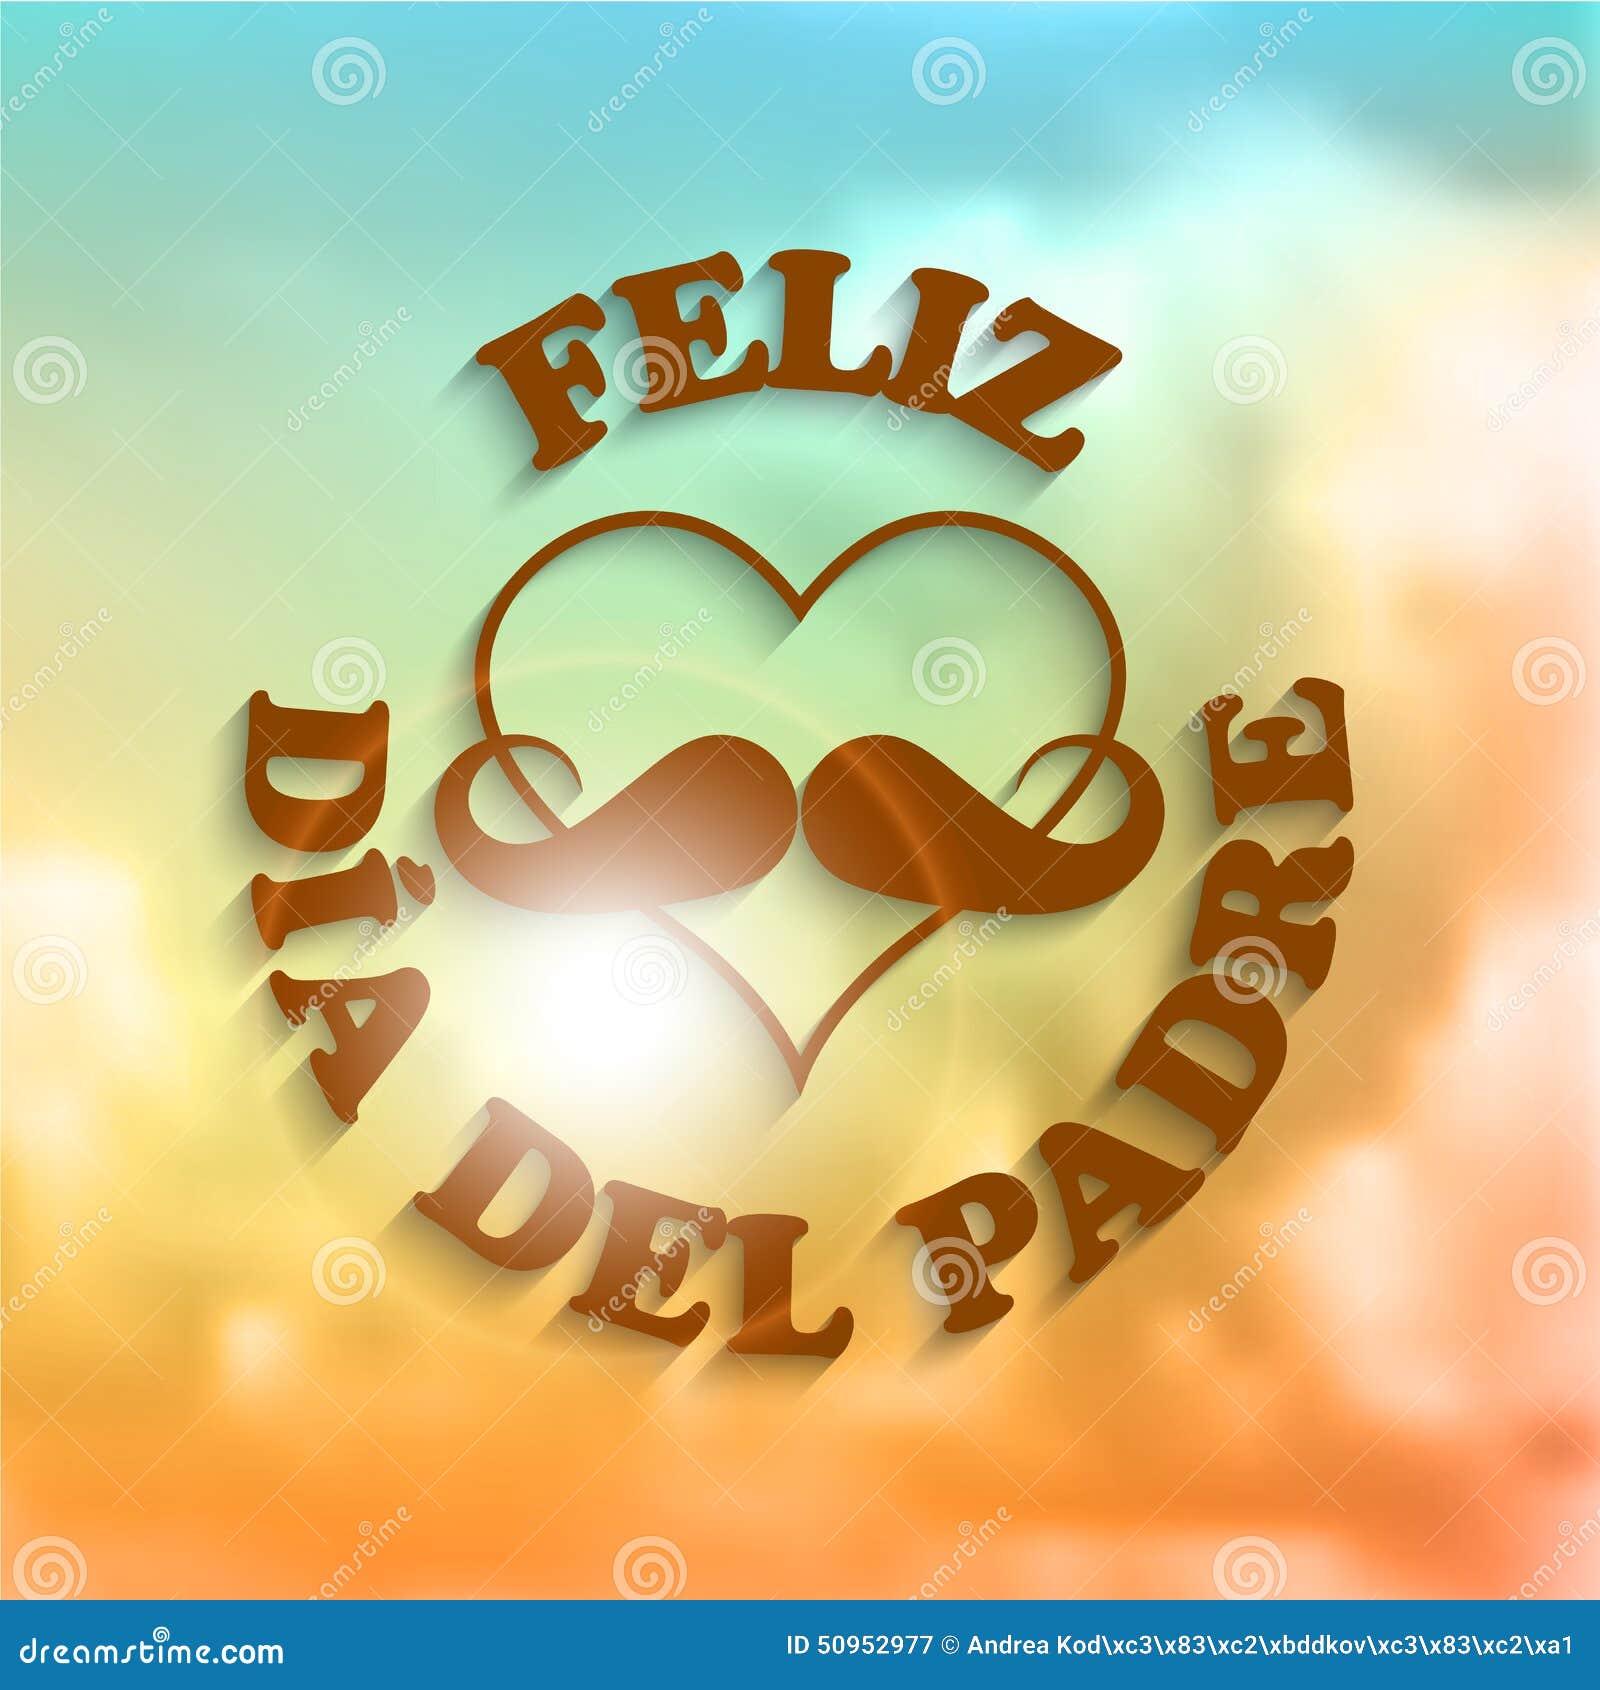 Tarjeta De Felicitación De Feliz Dia Del Padre Father Day En Español ...